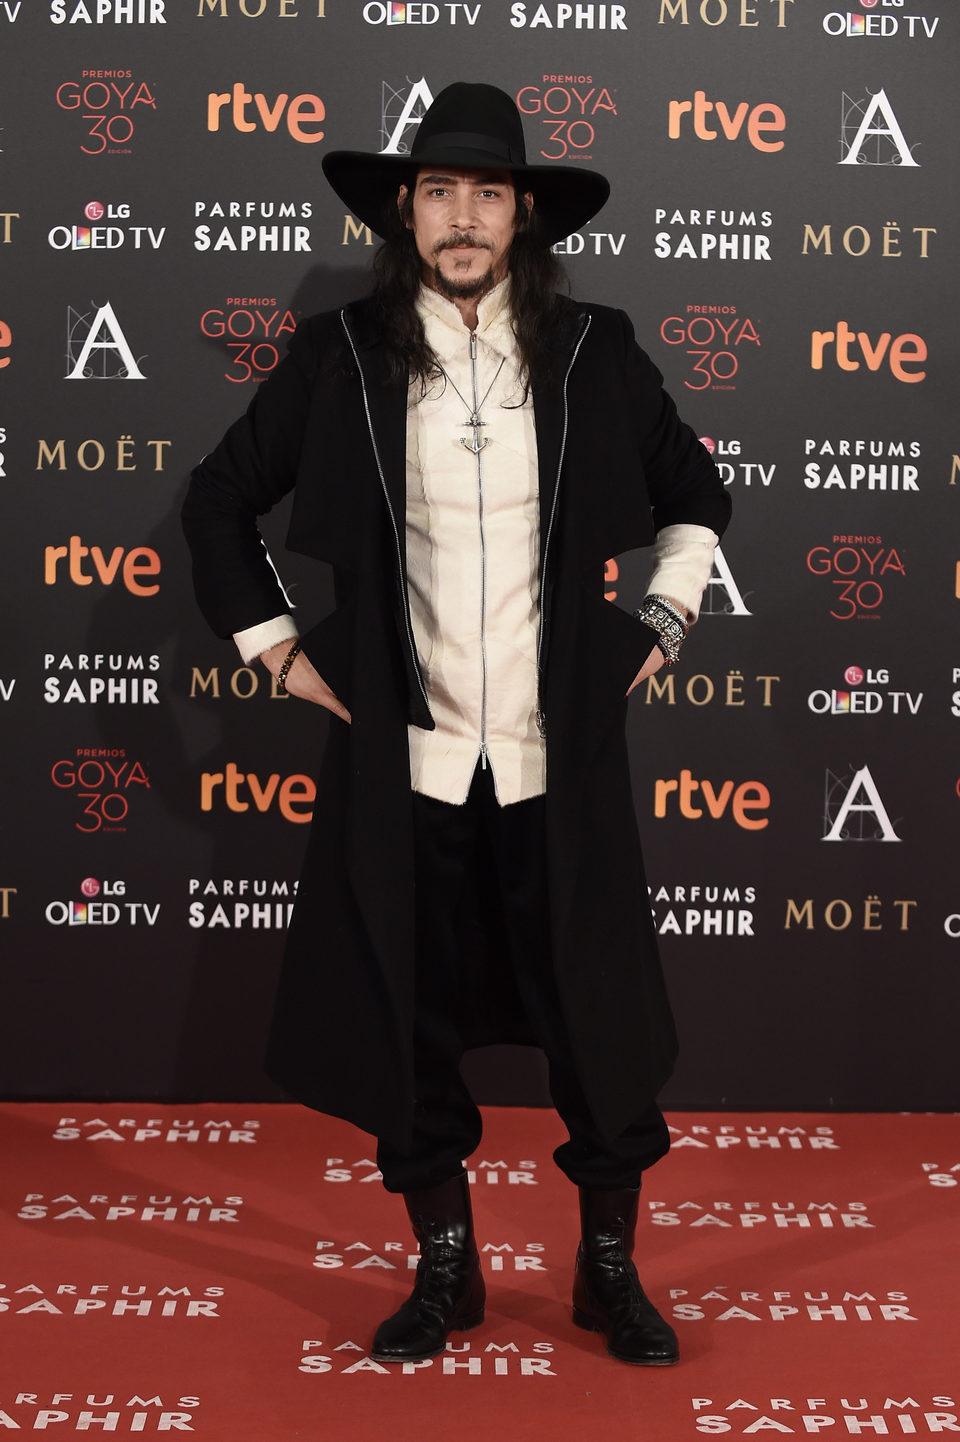 Óscar Jaenada en la alfombra roja de los Premios Goya 2016